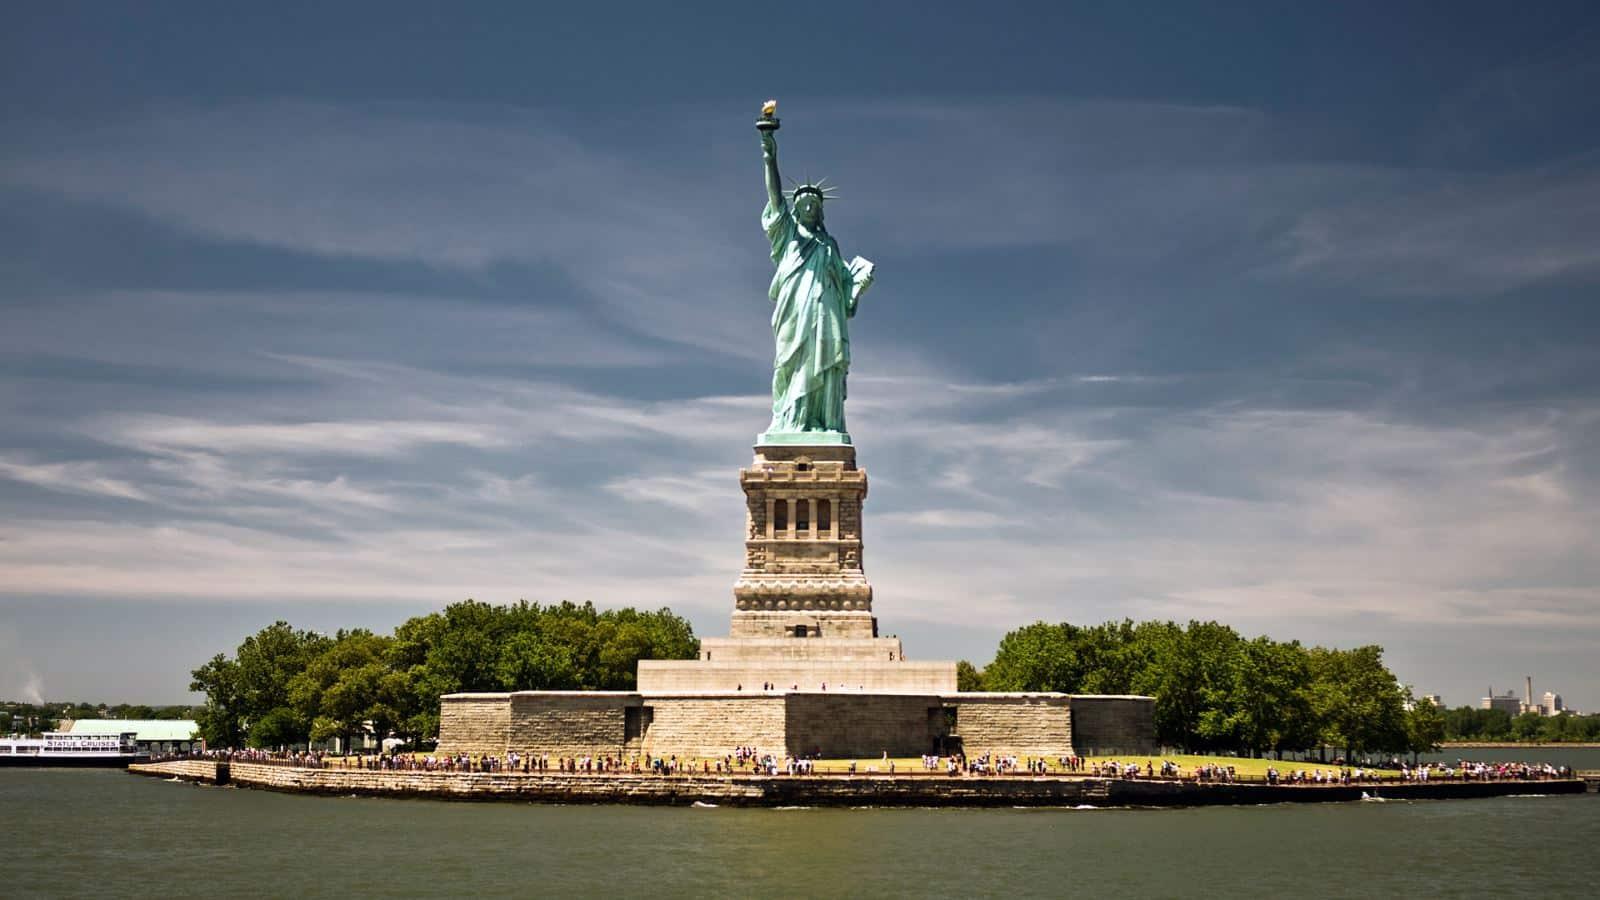 Populaires Légende : le socle de la Statue de la Liberté est-il construit en  WR48